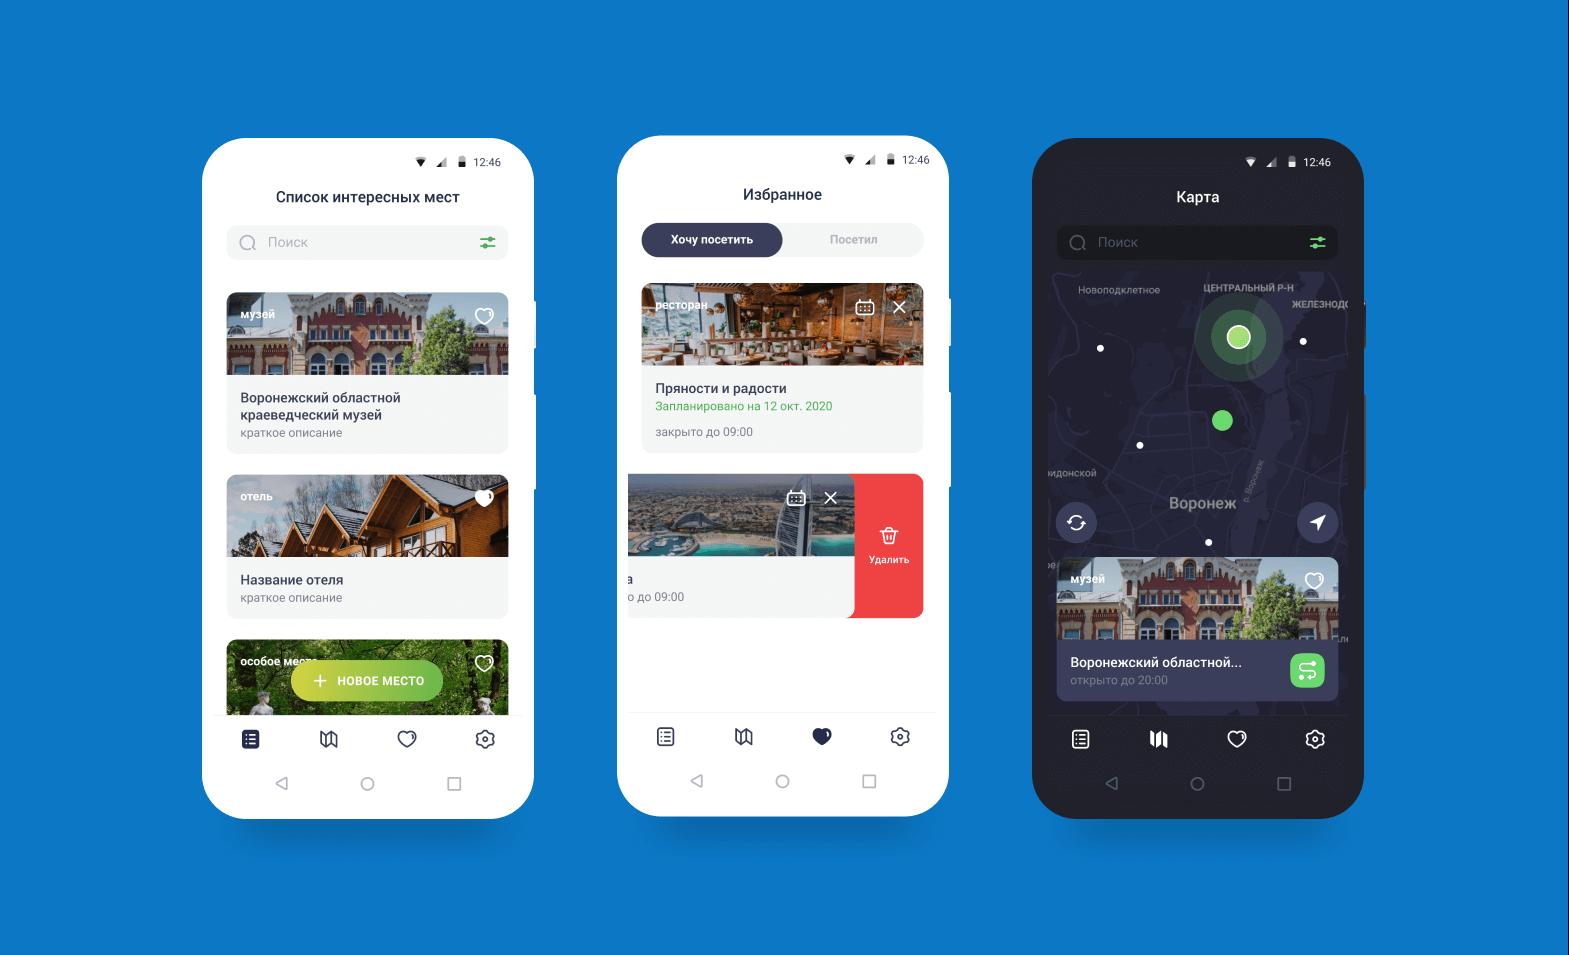 Примеры экранов из практического кейса курса Flutter от Surf мобильное приложение со списком интересных мест и достопримечательностей для путешествий по миру